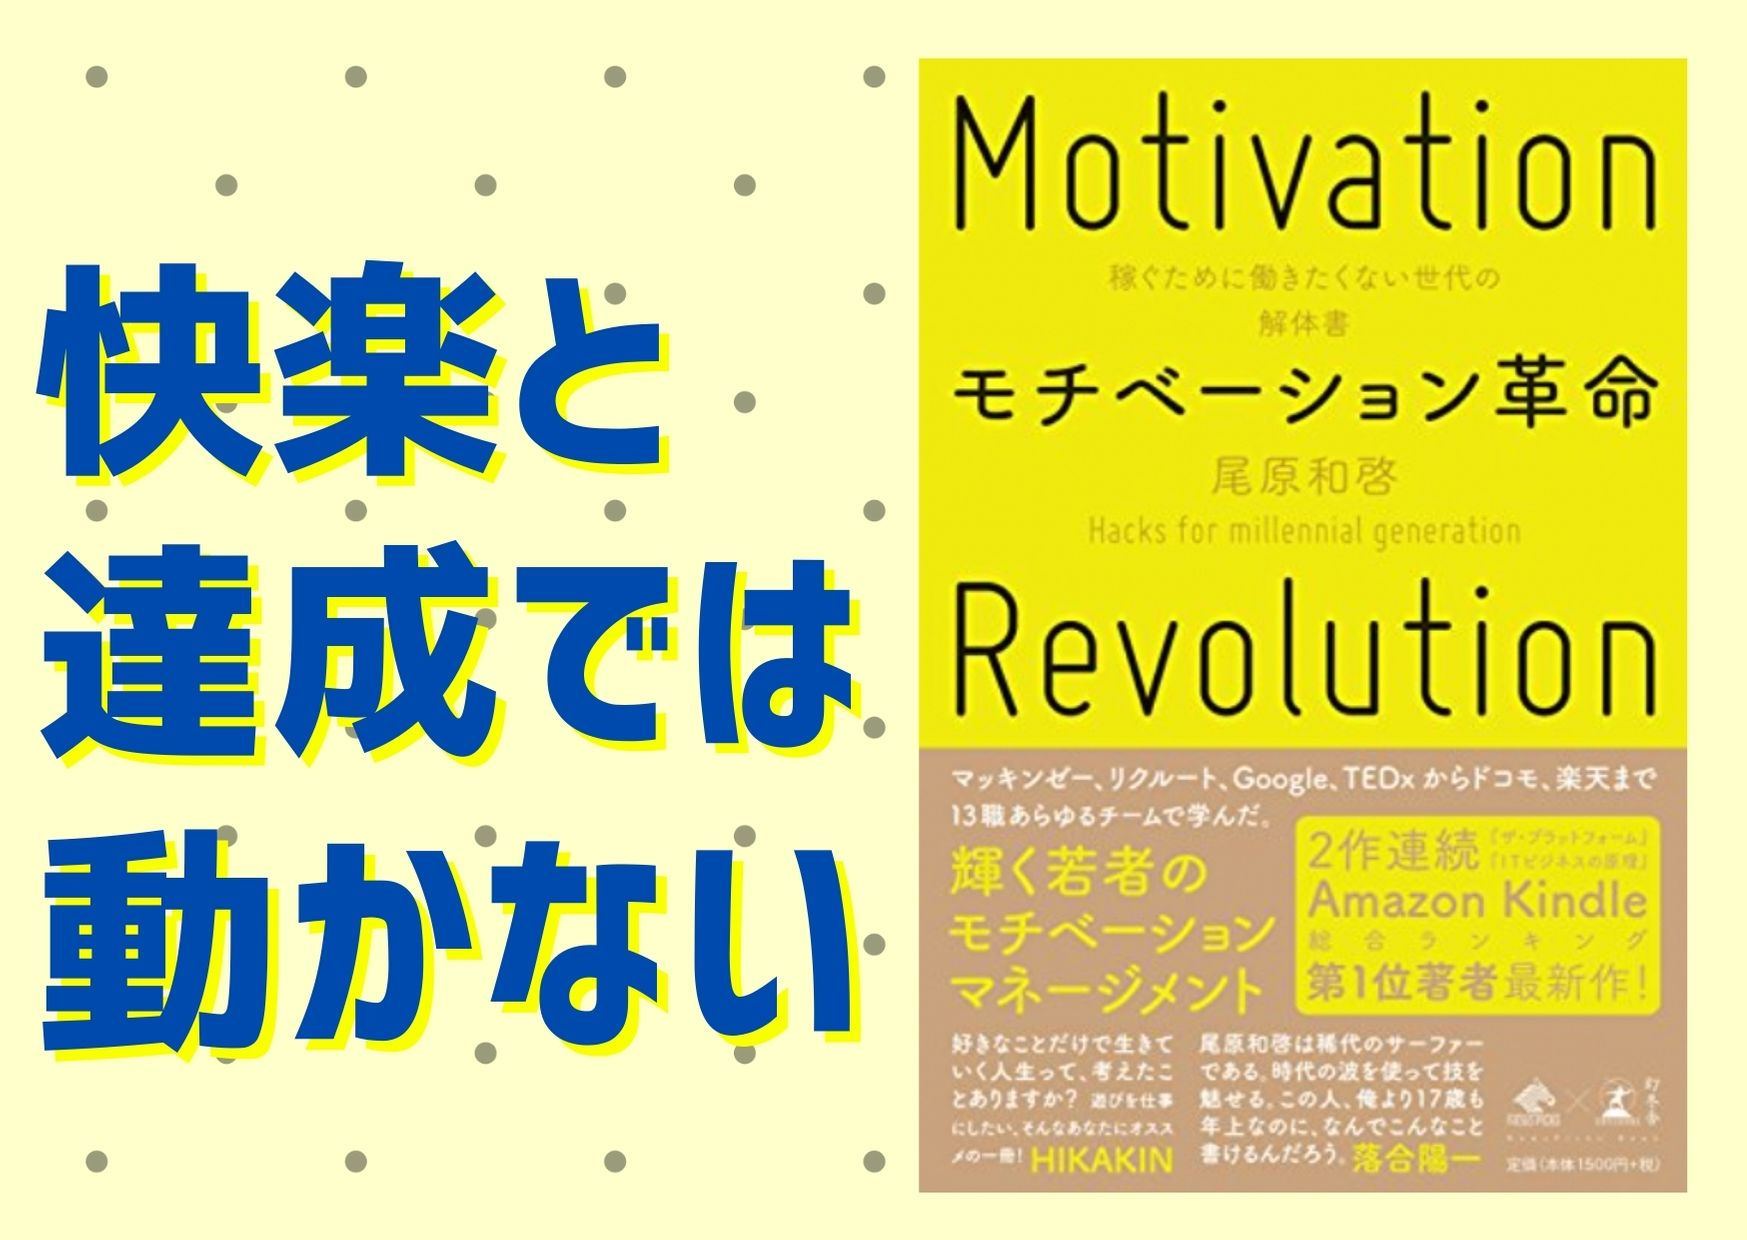 『モチベーション革命』の要約・感想まとめ【価値観の世代交代】